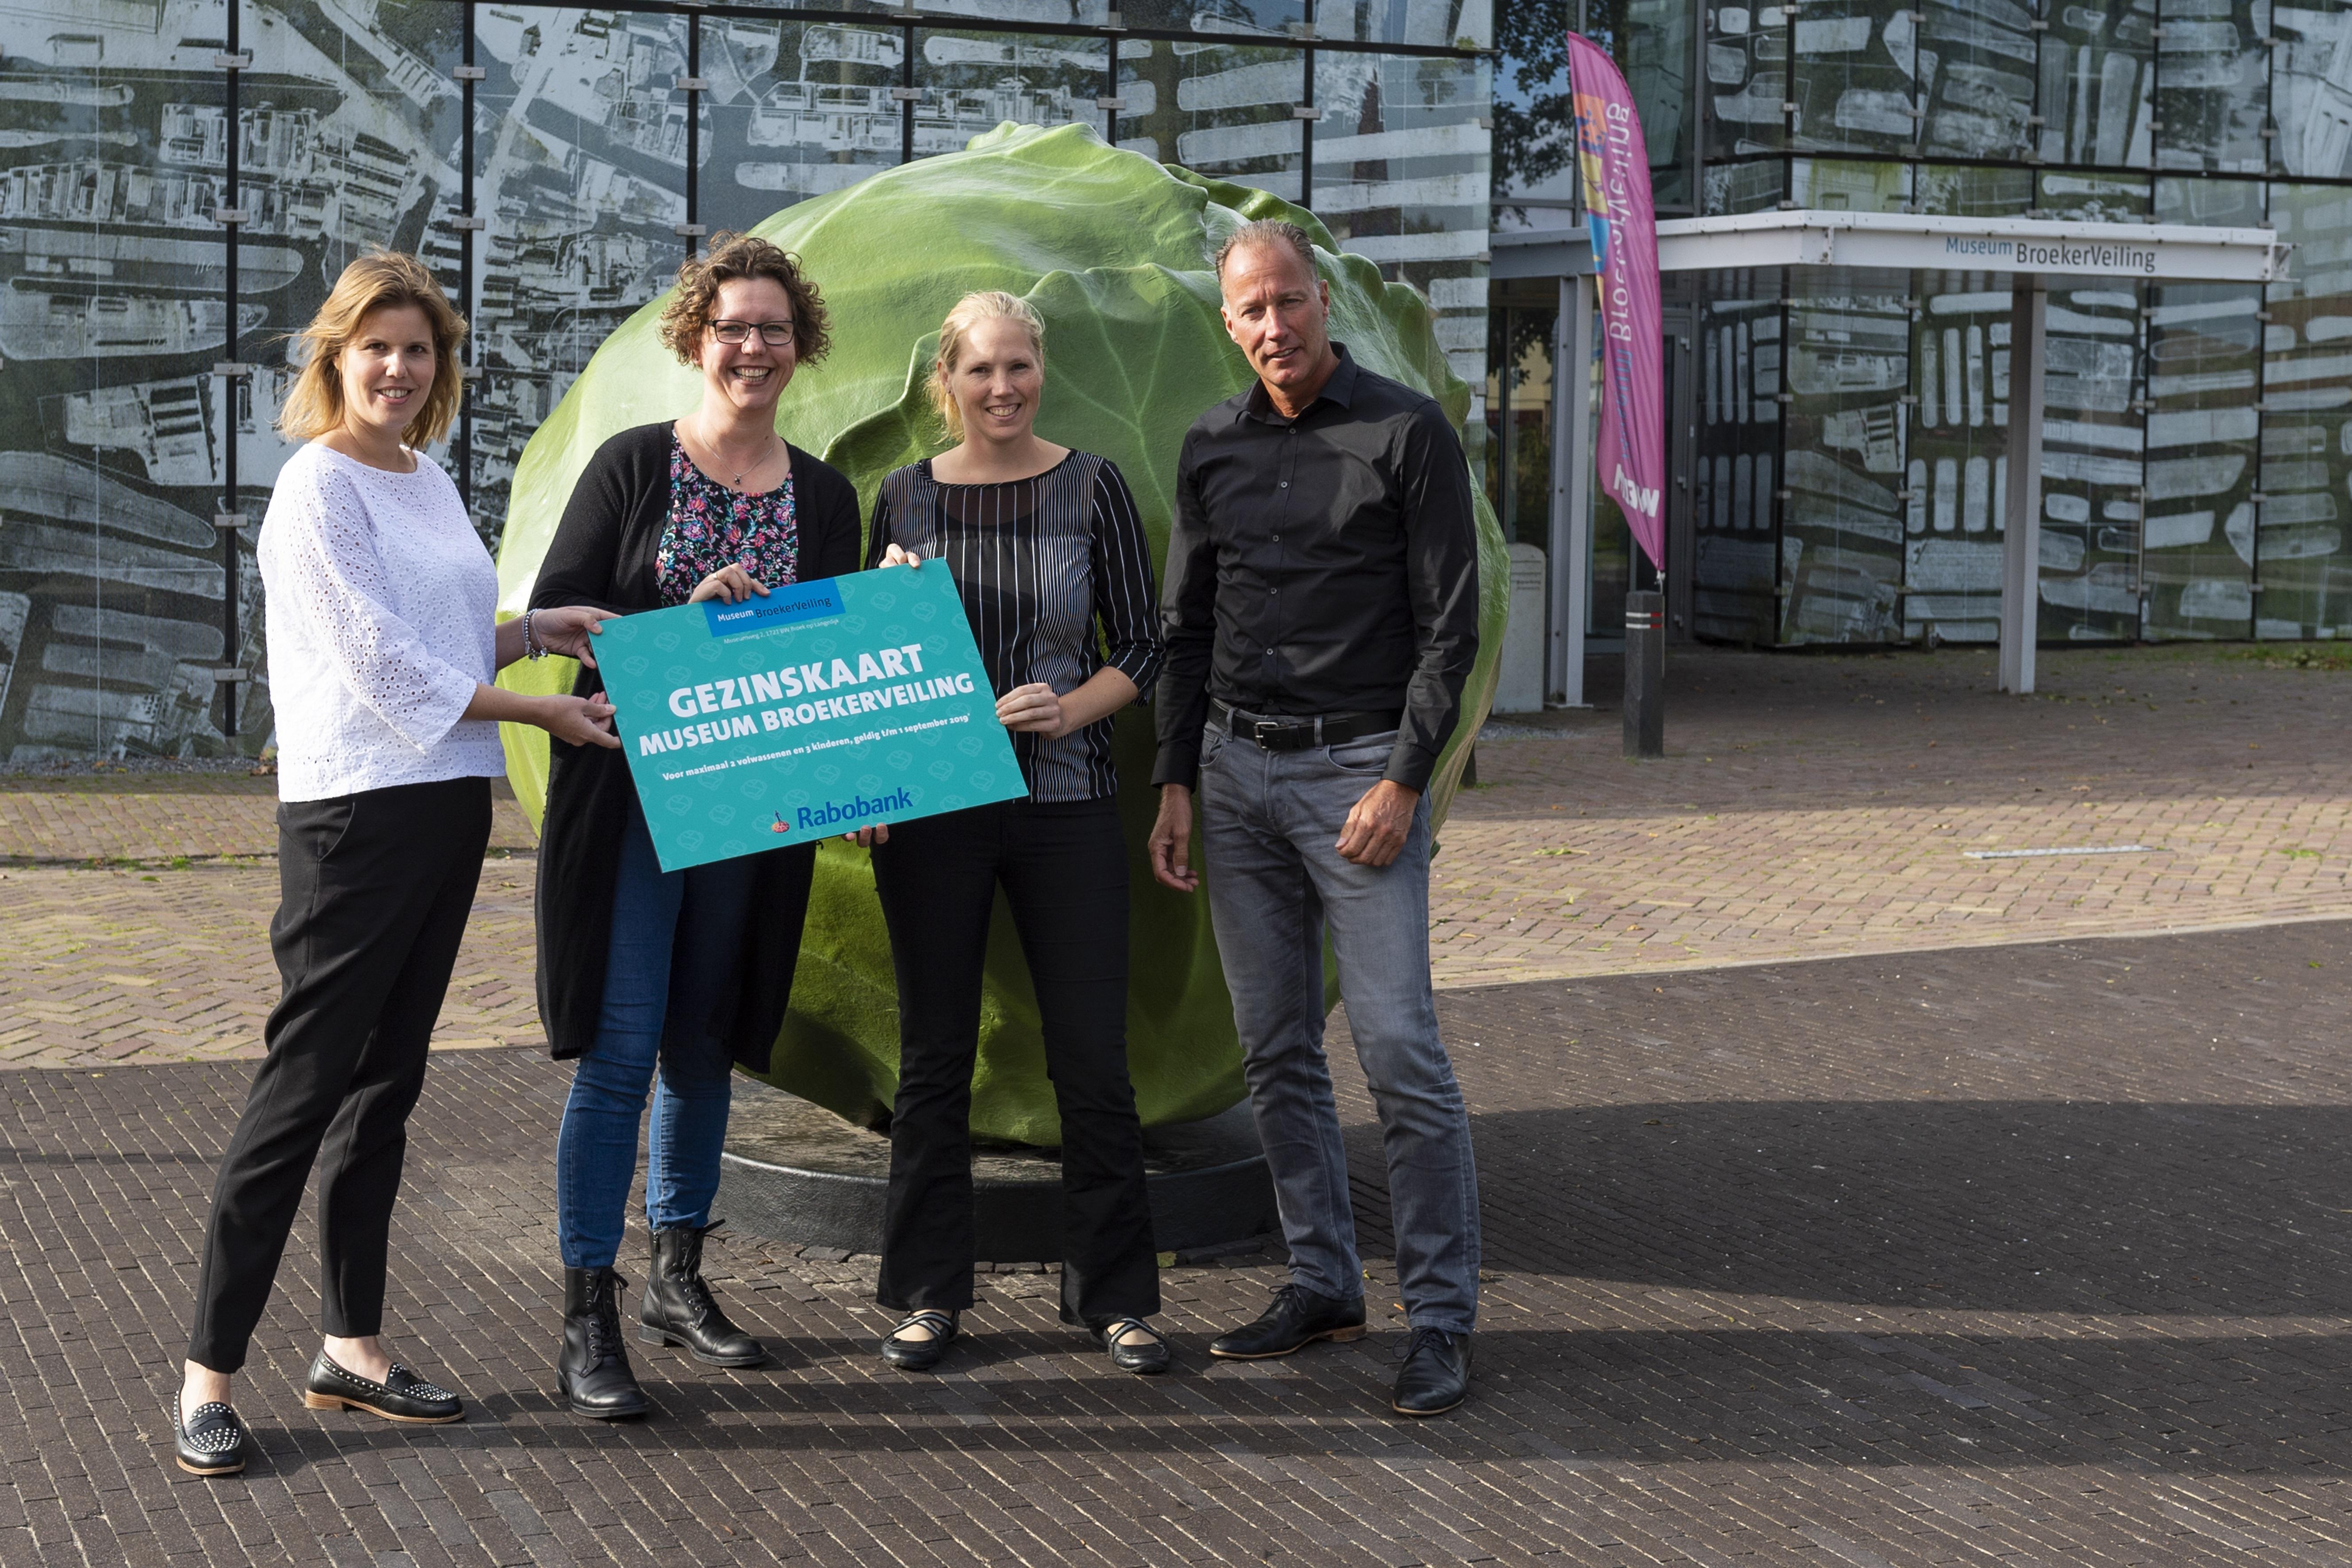 Vrijdag 28 september om 10.00 uur zijn in Museum BroekerVeiling de gezinskaarten officieel uitgereikt aan de Voedselbank door Ron Karels, directeur Museum BroekerVeiling en een vertegenwoordiger van Rabobank Alkmaar e.o. (Foto: Daniël Vos)